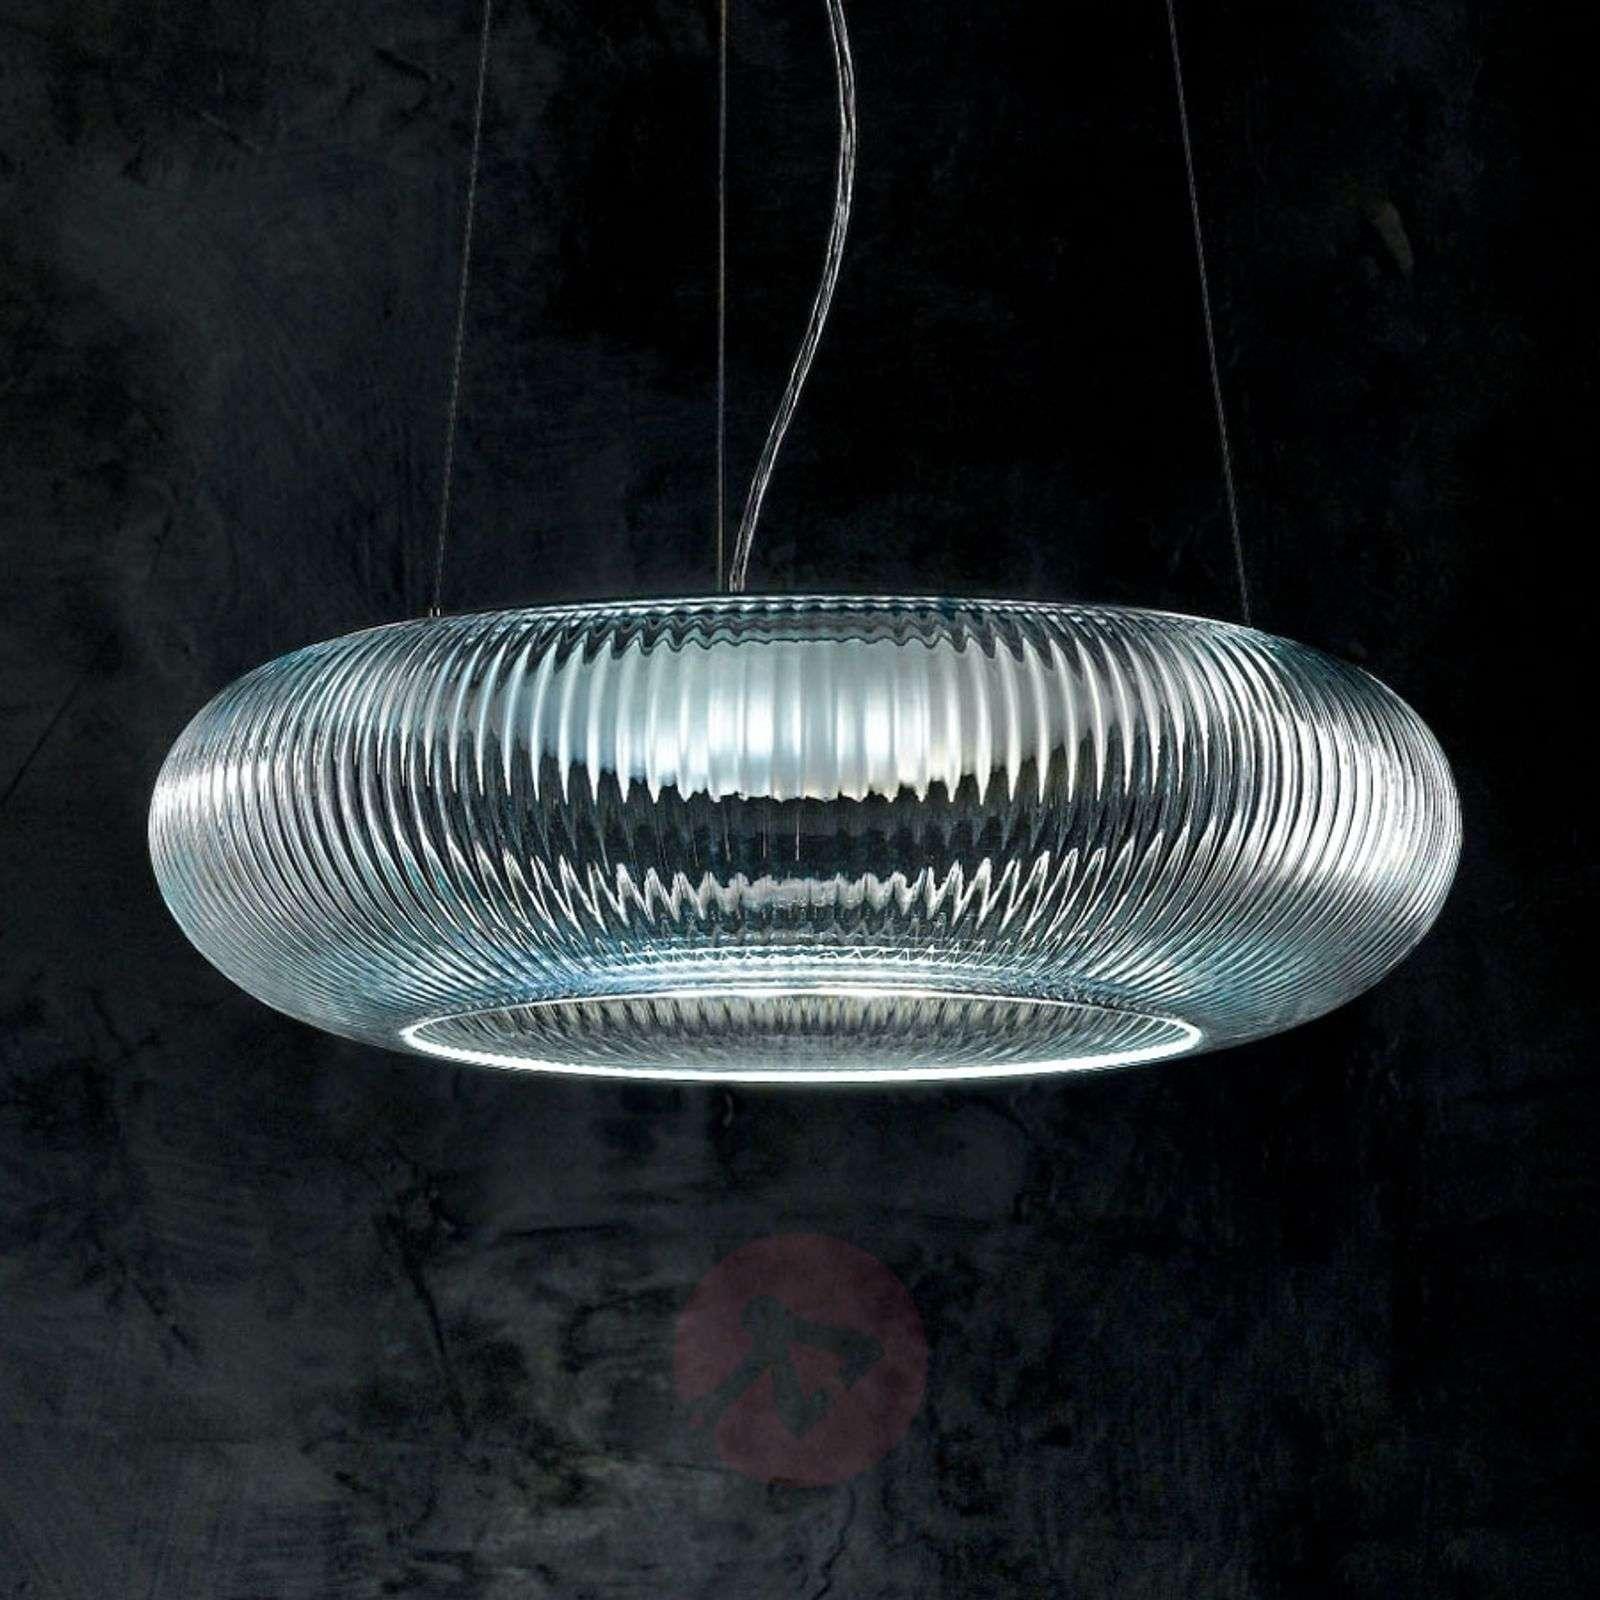 Käsin tehty Cannettata-LED-riippuvalaisin-2502762-01